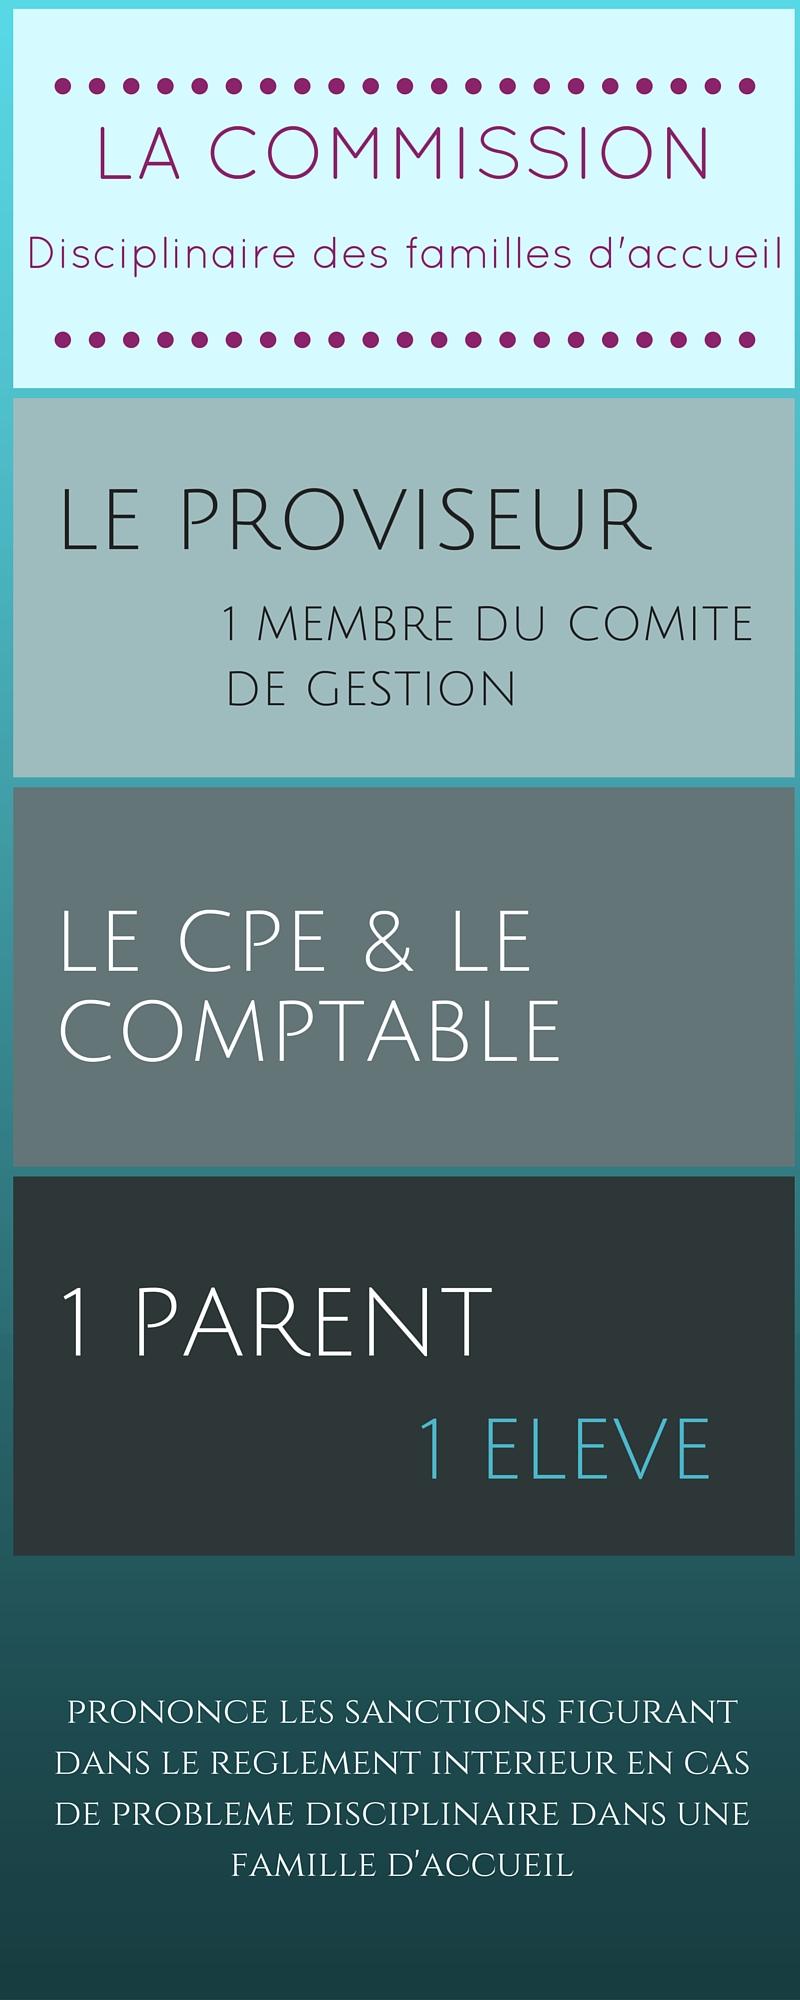 Commission Disciplinaire des familles d'accueil